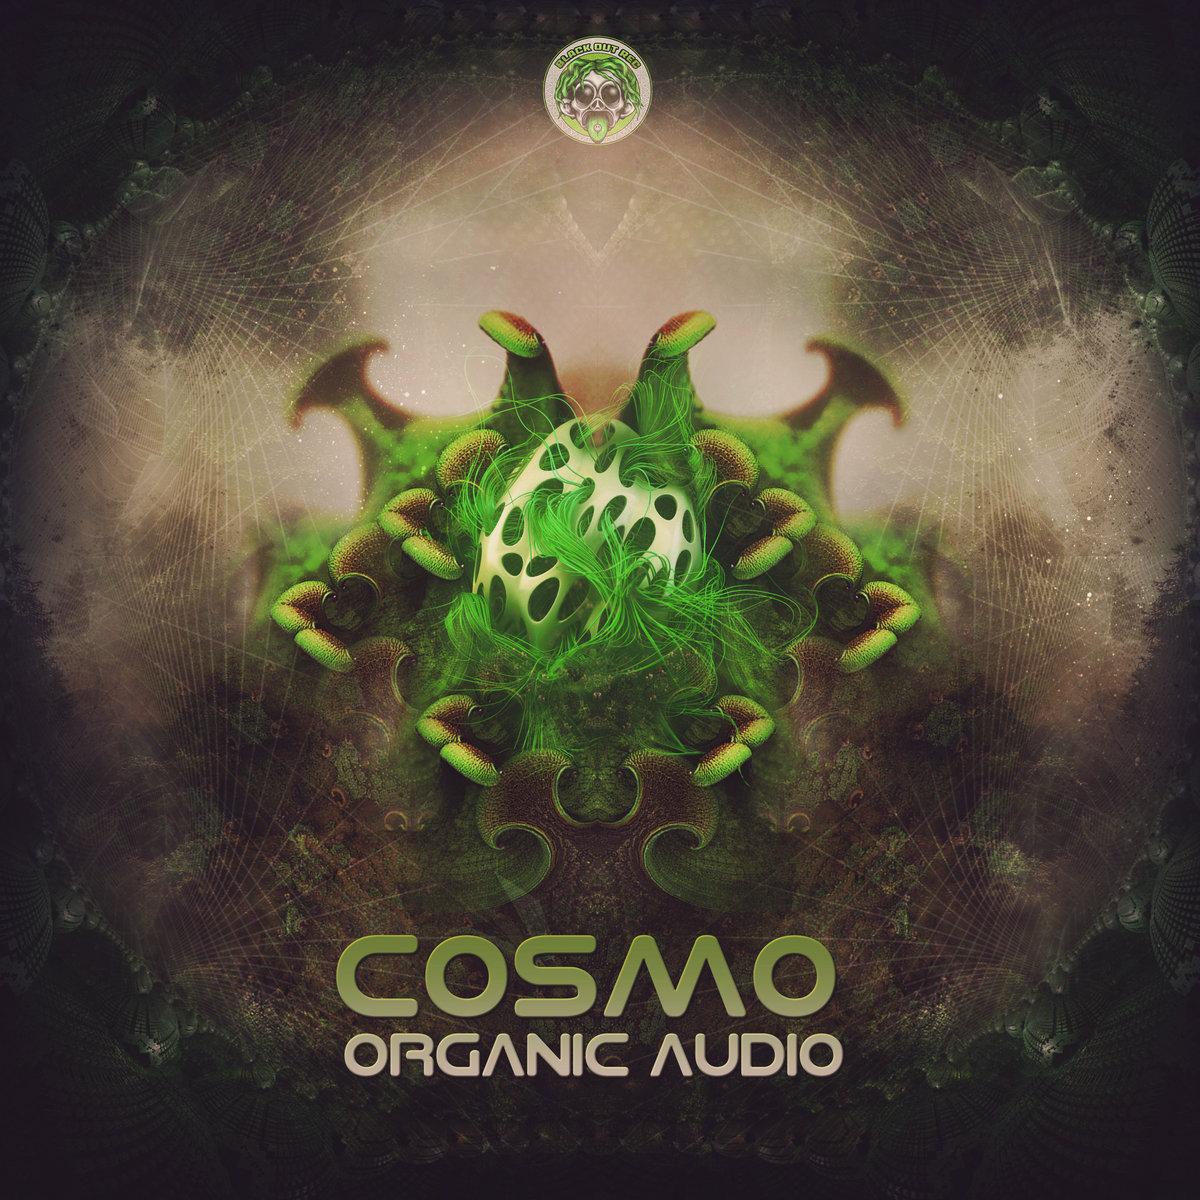 Cosmo organic монетка уфа режим